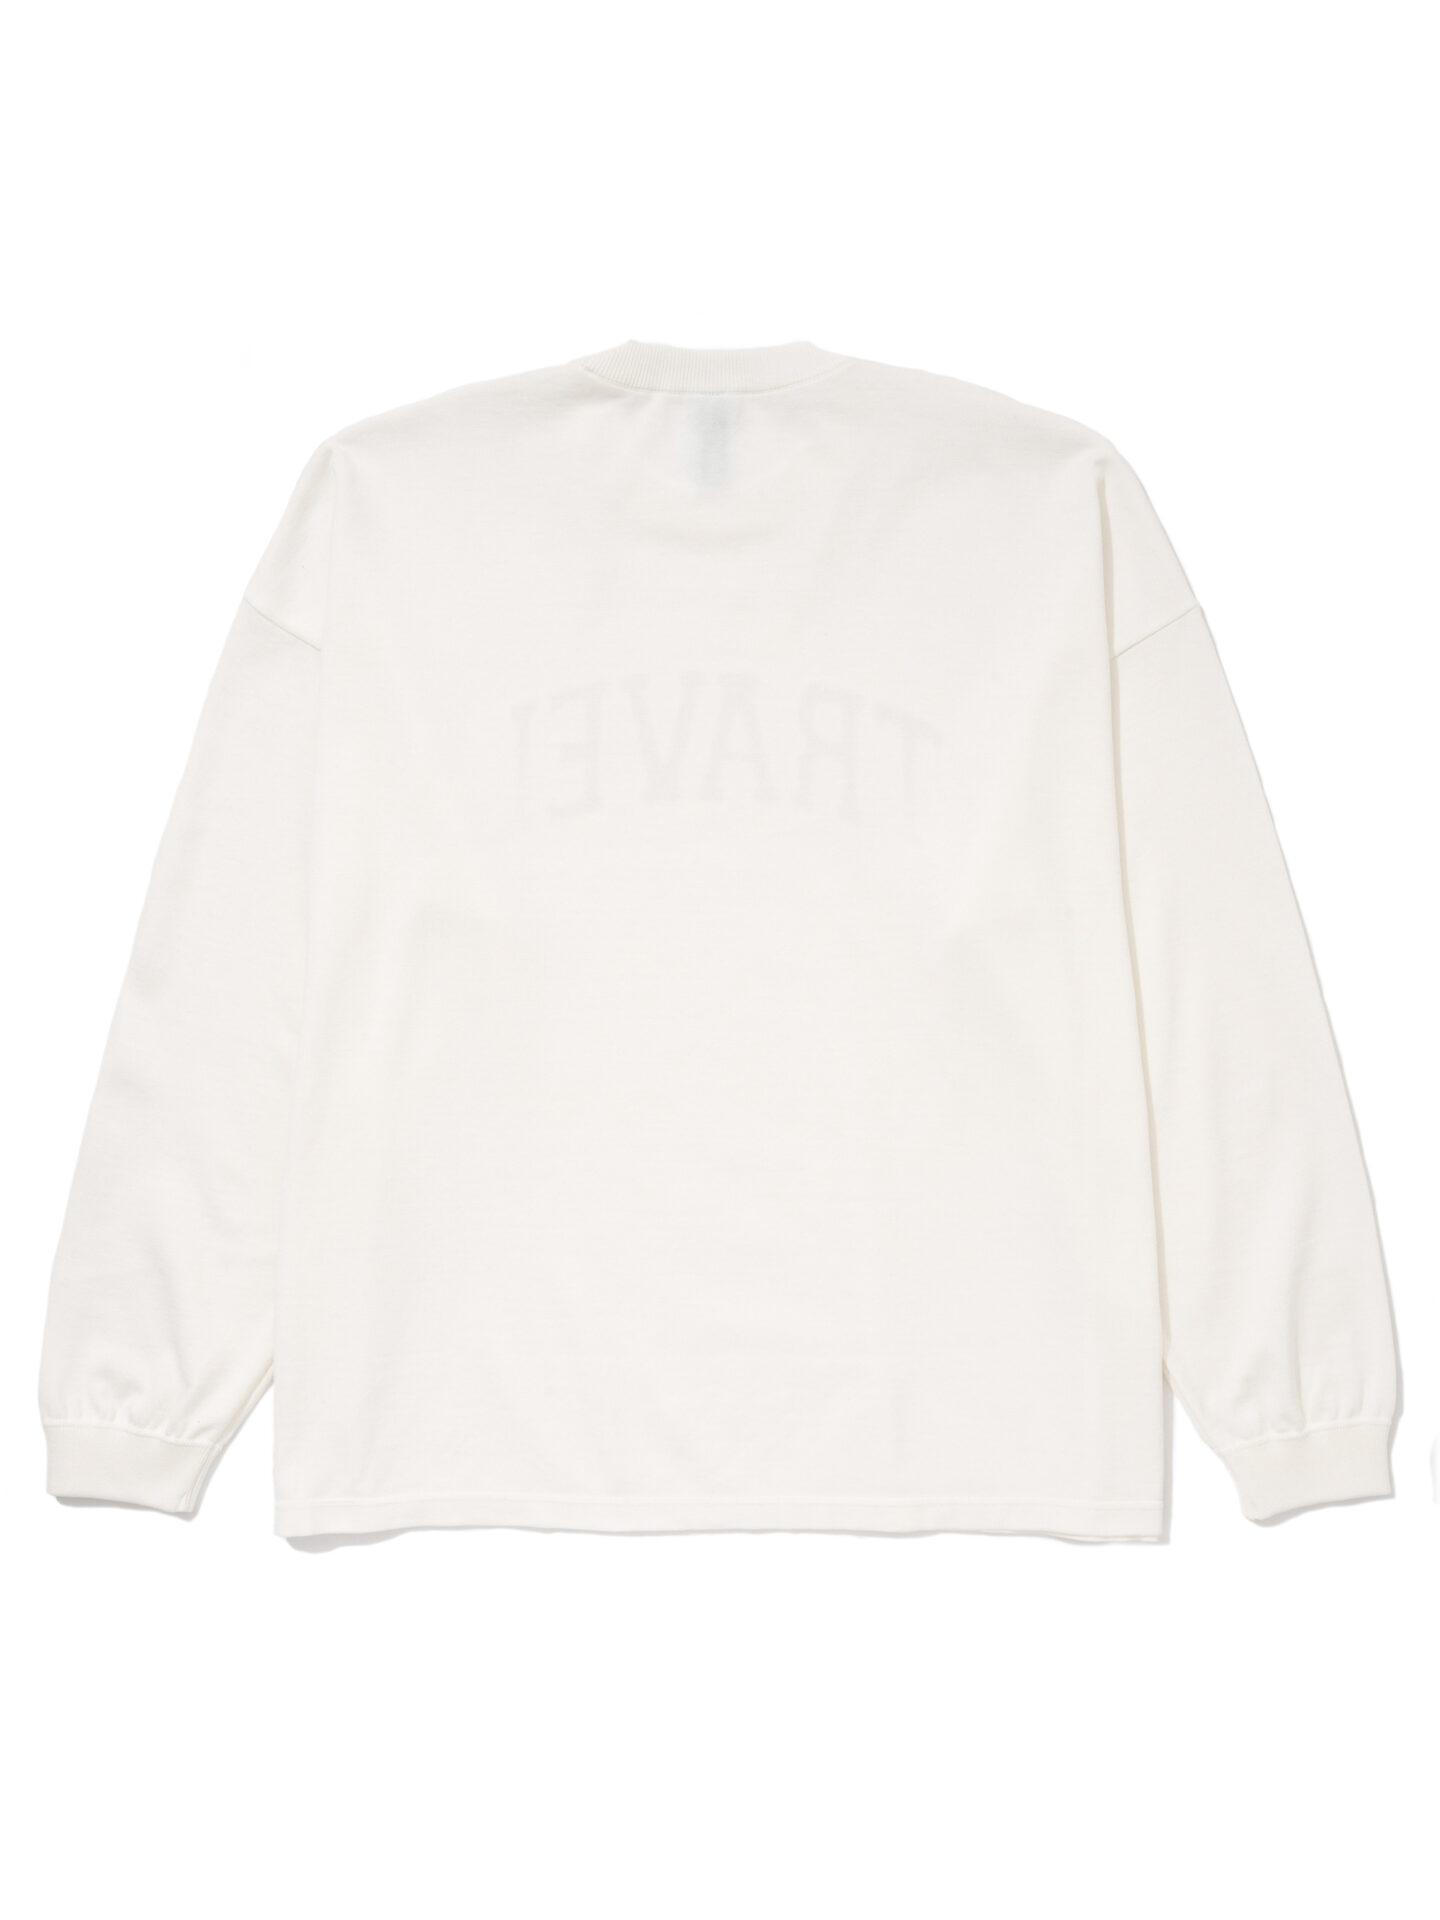 """【超撥水】オーガニックコットン100%使用 最高級 カレッジスタイル""""TRAVEL""""ロゴ長袖Tシャツ -白"""